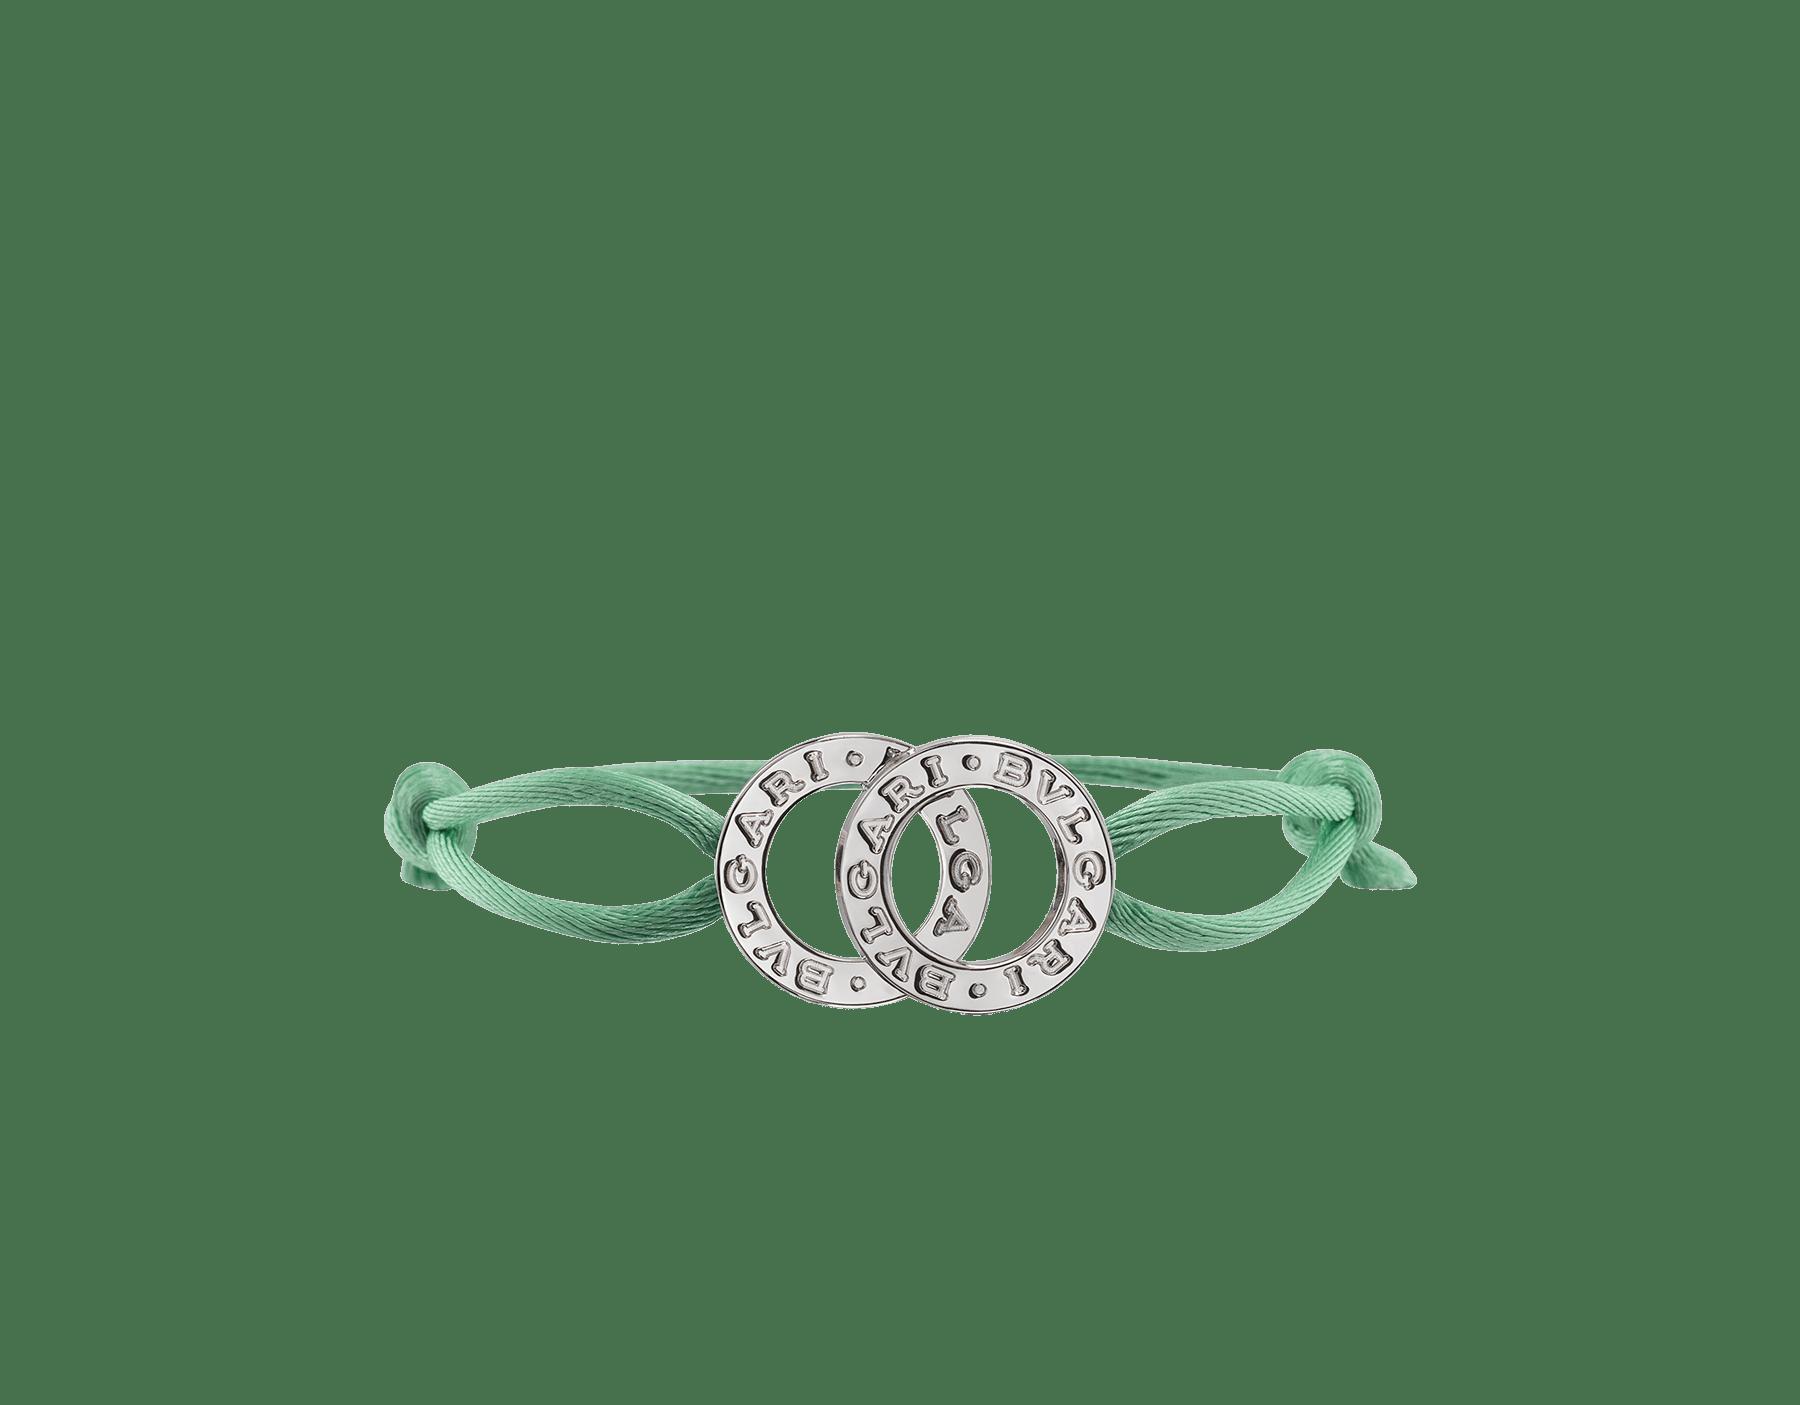 BVLGARI BVLGARI 手環,採用熱帶綠松石色繩帶,飾以經典純銀雙品牌標誌元素。 288453 image 1